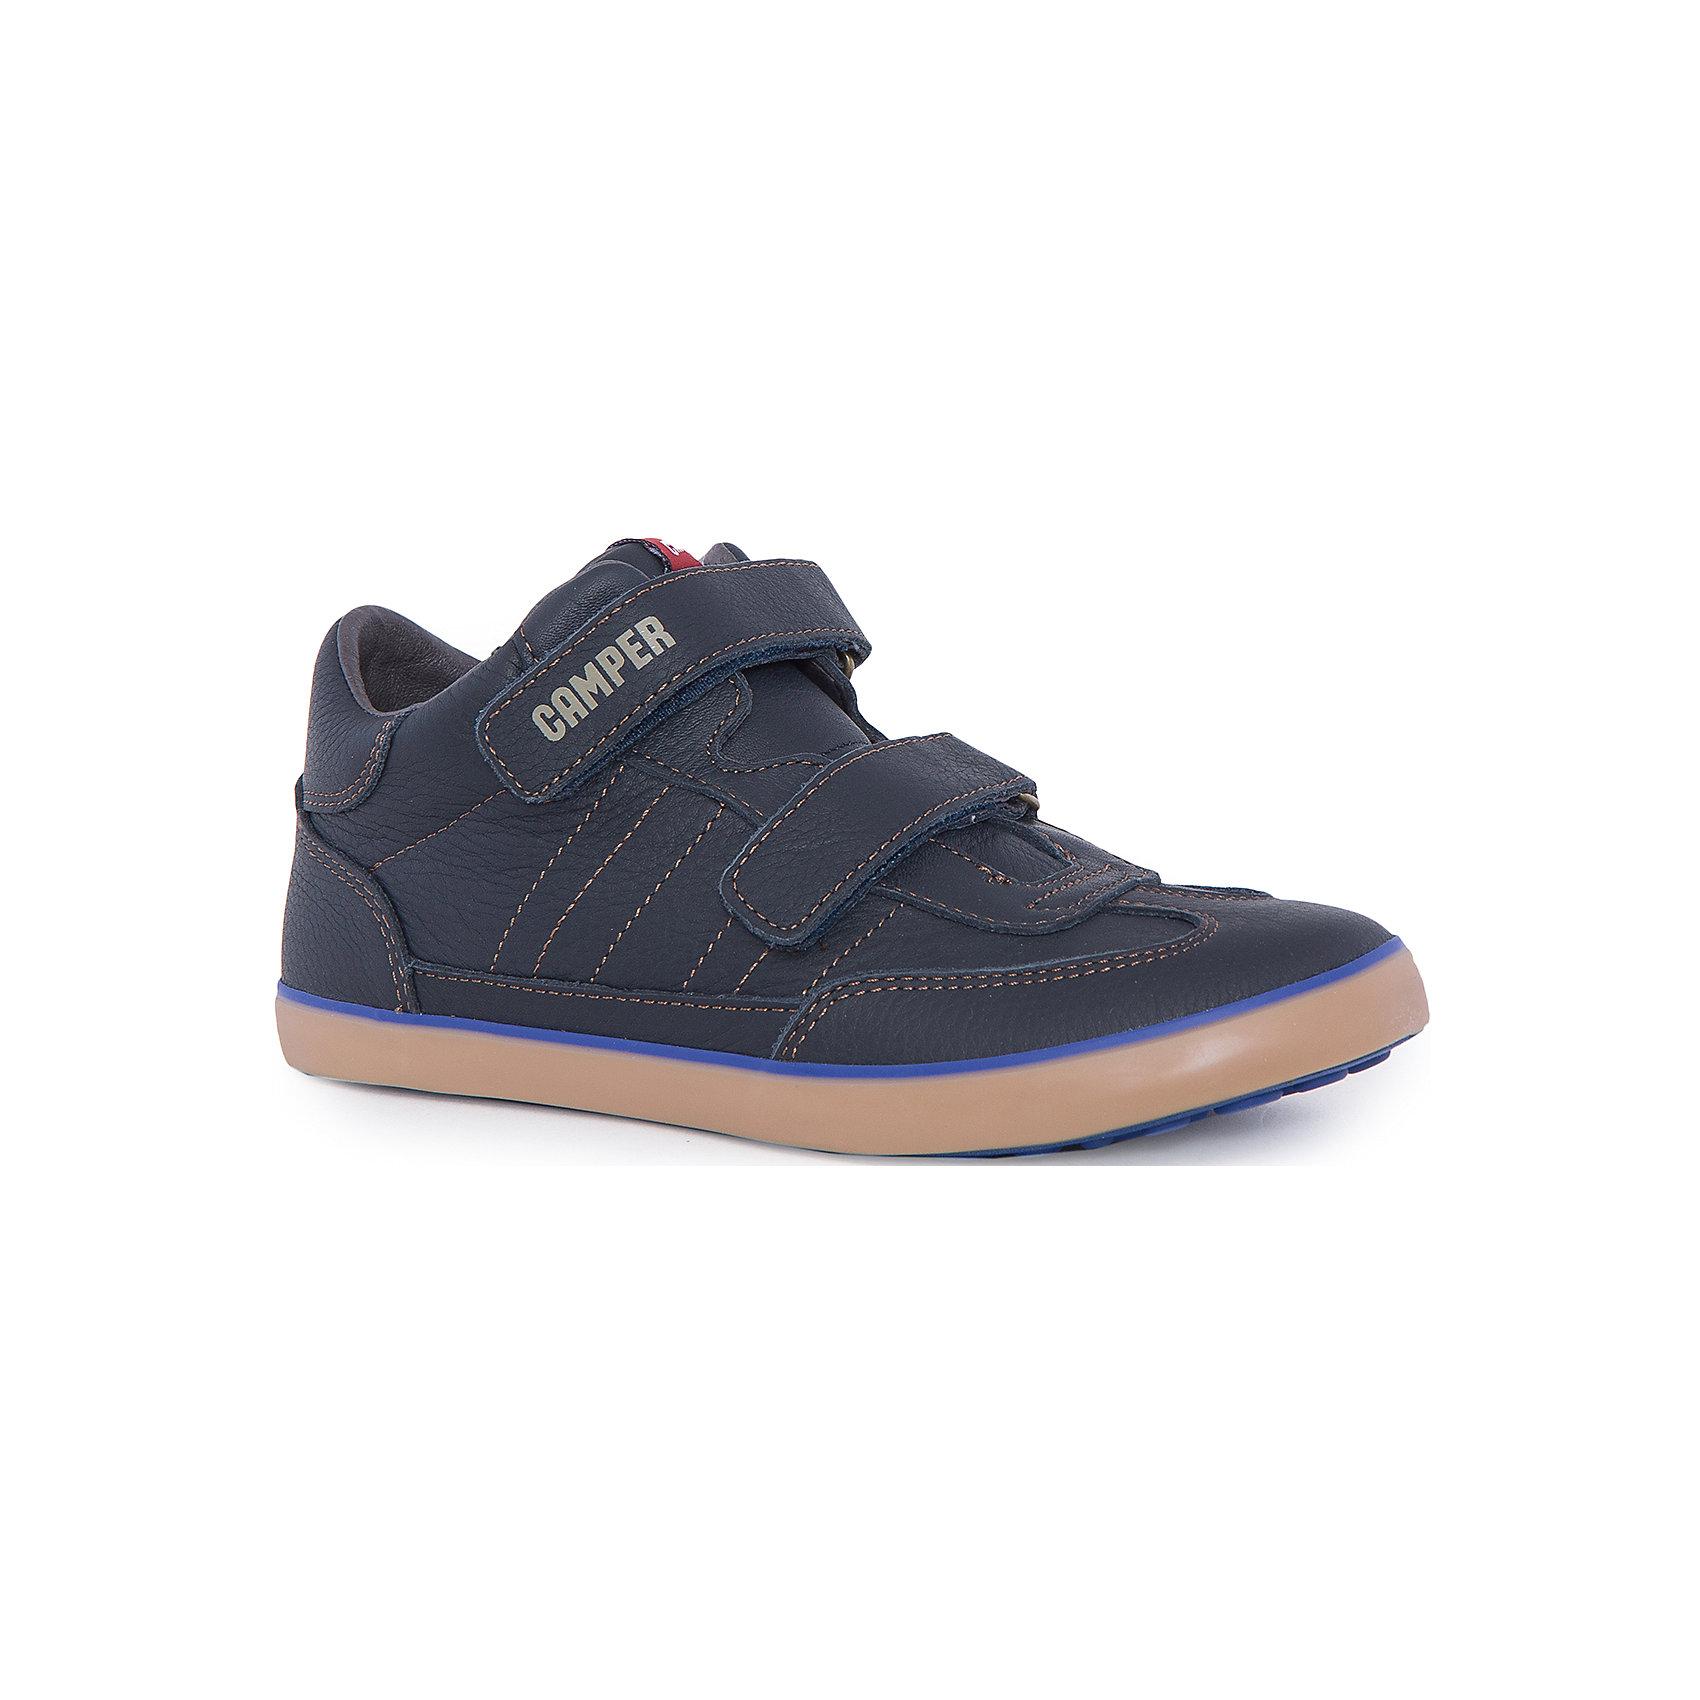 Ботинки для мальчика CamperБотинки<br>Характеристики:<br><br>• Предназначение: повседневная обувь<br>• Сезон: демисезонные<br>• Пол: для мальчика<br>• Цвет: синий<br>• Материал верха и стельки: натуральная кожа<br>• Материал подошвы: резина<br>• Тип каблука и подошвы: плоская<br>• Тип застежки: ремешки-липучки<br>• Уход: удаление загрязнений мягкой тканью<br><br>Полуботинки для мальчика Camper изготовлены испанским торговым брендом, специализирующимся на производстве обуви премиум-класса. Детская обувь Camper учитывает анатомические особенности детской растущей ноги, поэтому она изготавливается исключительно из натуральной кожи. Полуботинки выполнены из гладкой кожи, все элементы верха прошиты, для защиты от натирания предусмотрена мягкая пятка. Подошва выполнена из двух разноцветных слоев, обладает повышенными антискользящими свойствами. Обувь представляет собой детскую версию культовой модели Pelotas, которая отличается повышенной стойкостью к износу. <br><br>Полуботинки для мальчика Camper можно купить в нашем интернет-магазине.<br><br>Ширина мм: 262<br>Глубина мм: 176<br>Высота мм: 97<br>Вес г: 427<br>Цвет: синий<br>Возраст от месяцев: 132<br>Возраст до месяцев: 144<br>Пол: Мужской<br>Возраст: Детский<br>Размер: 32,38,37,33,31,36,35,34<br>SKU: 4974882